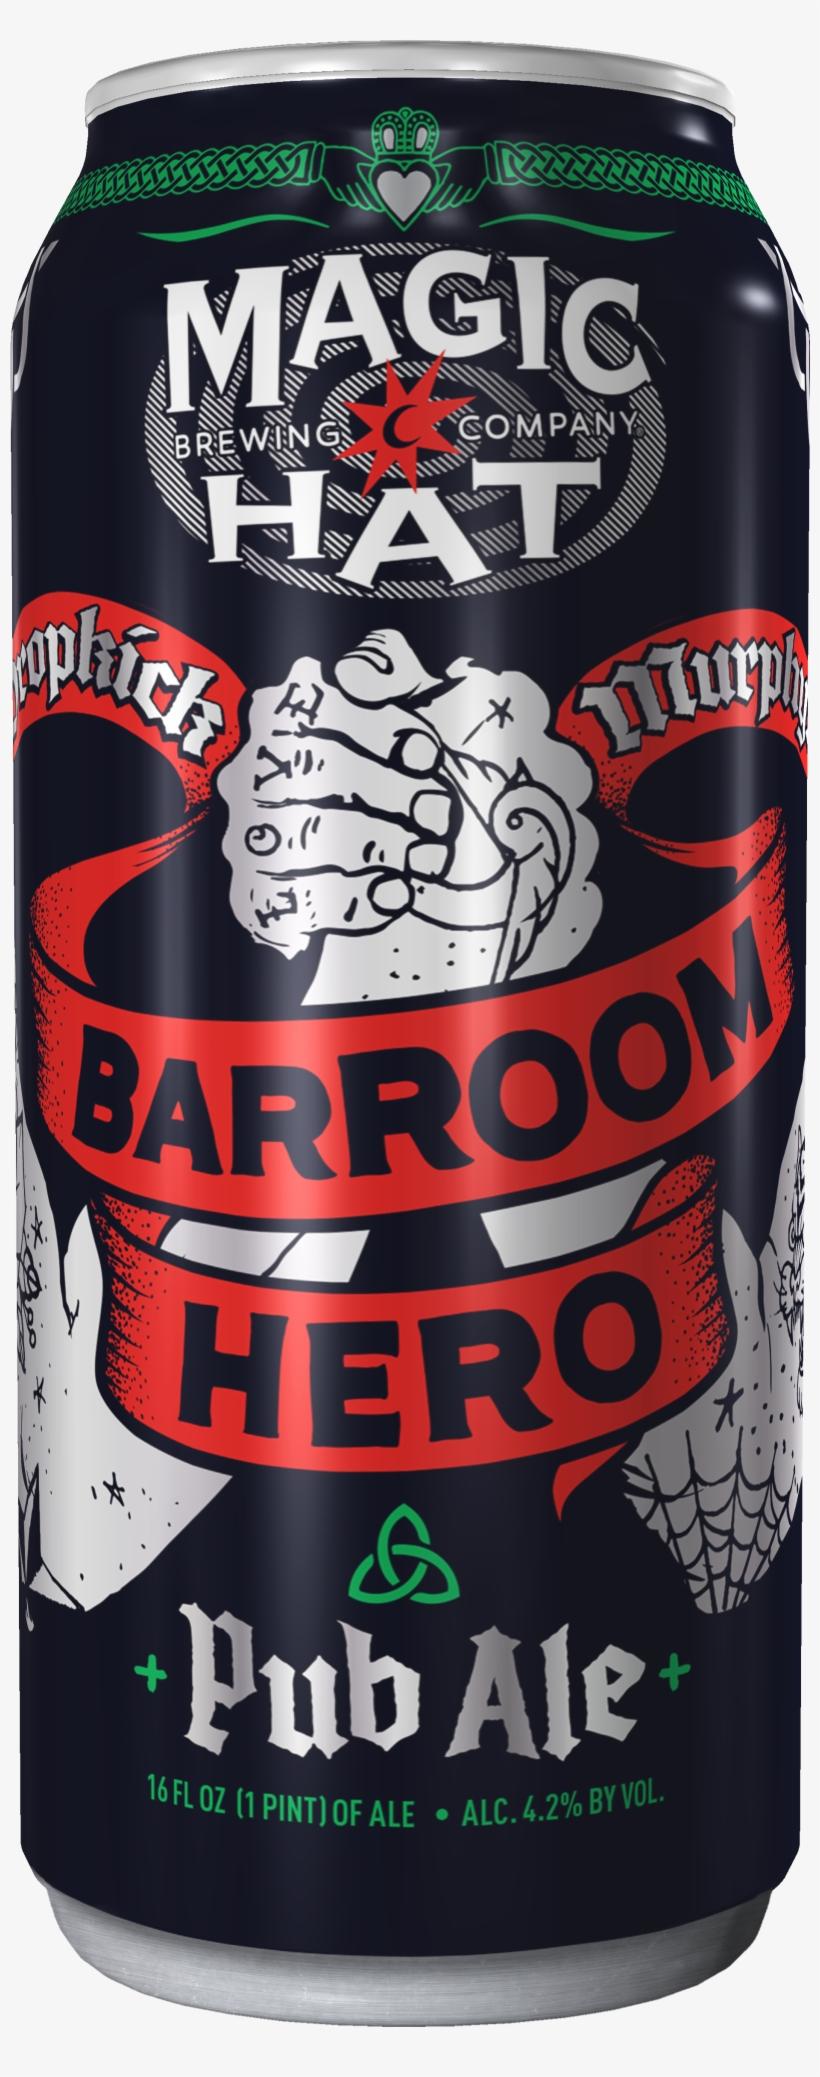 South Burlington, Vt Magic Hat Brewing Company Is Announcing - Magic Hat Bar Room Hero, transparent png #1977014